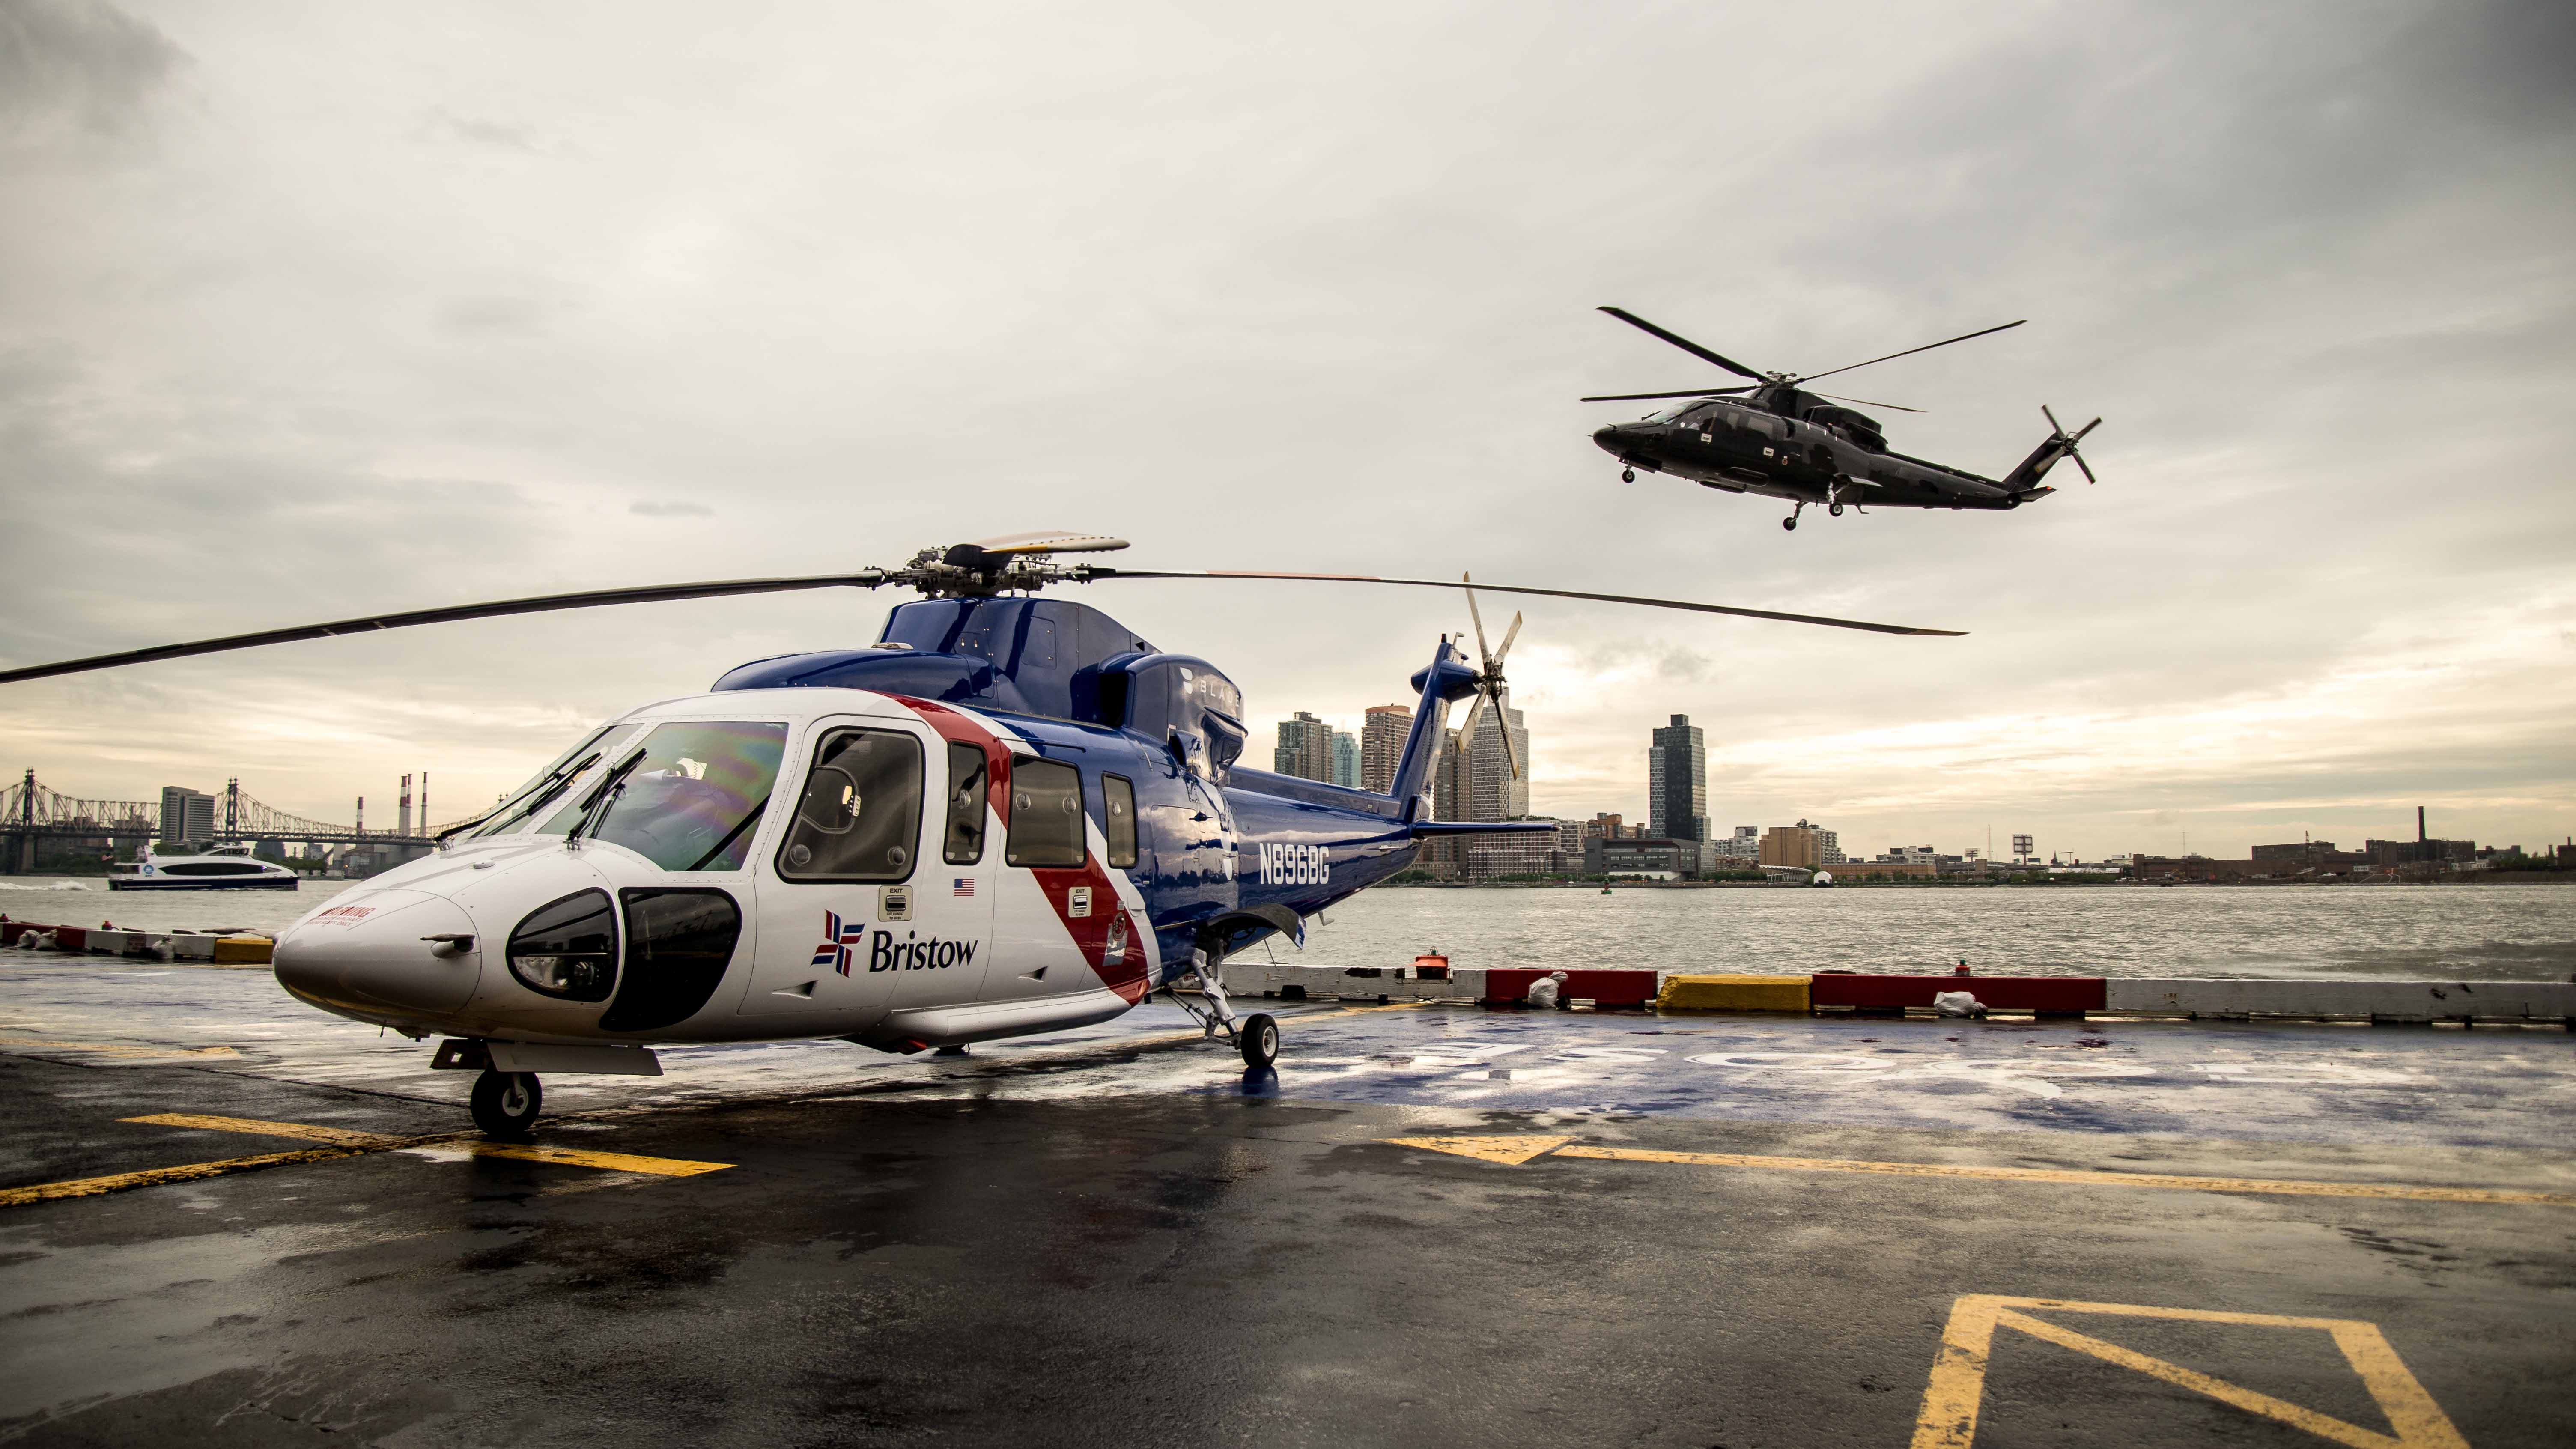 Blade Helicopter Service bristow delta manhattan